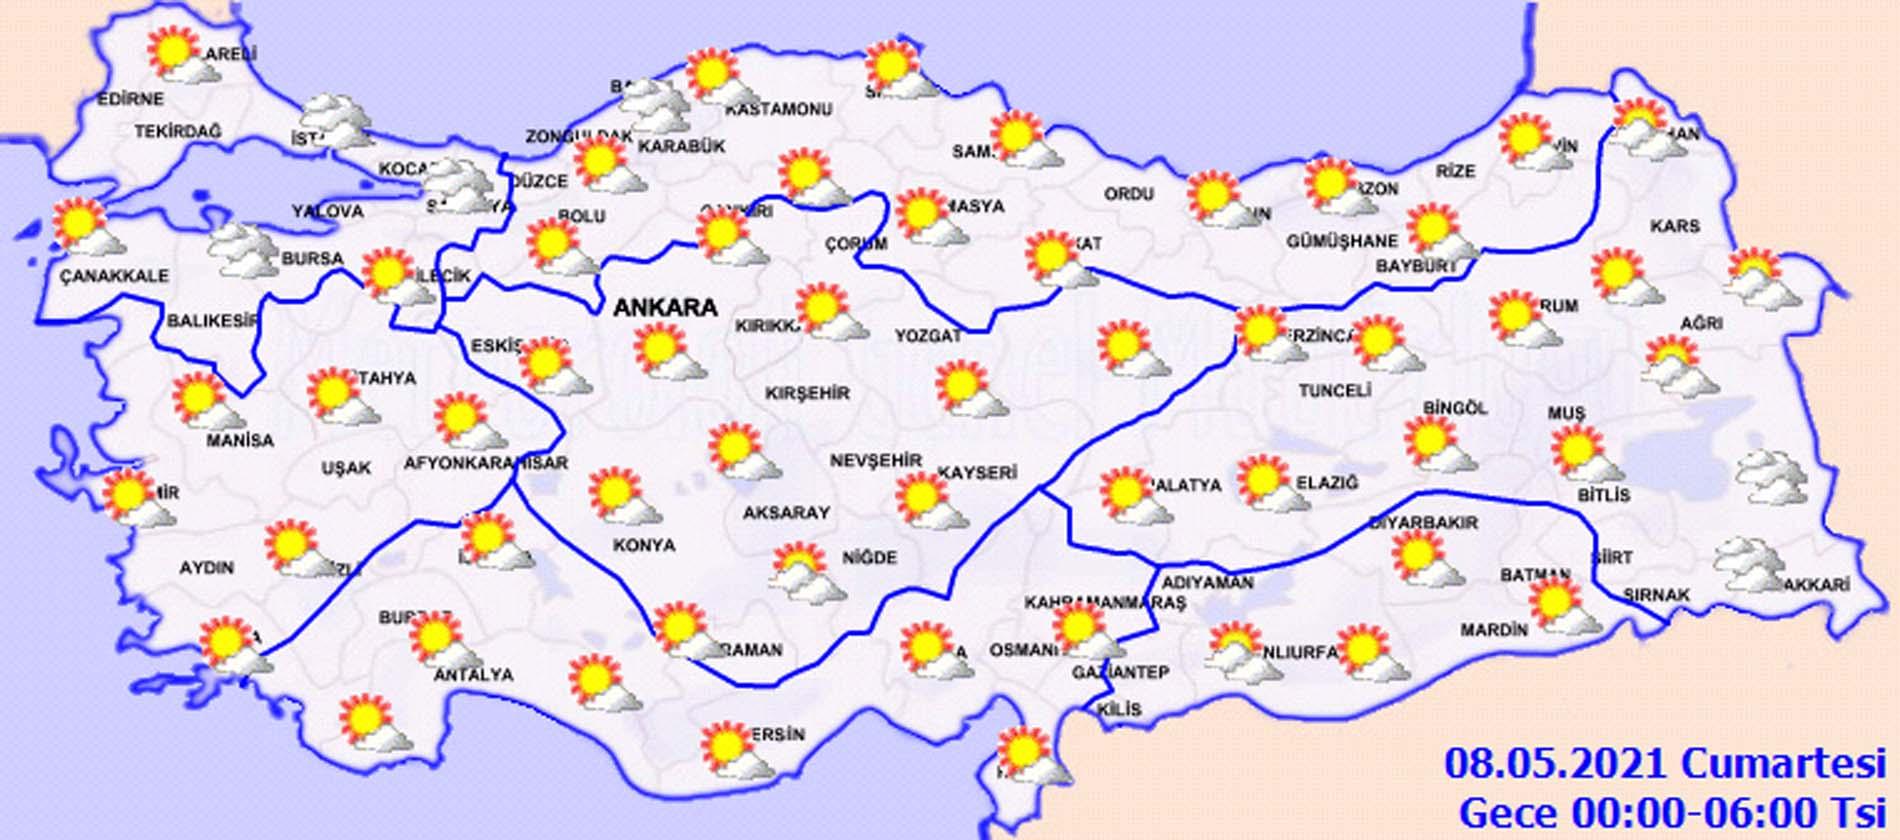 Meteoroloji açıkladı: Güneşli hava etkisini sürdürüyor! Doğu ve Güneydoğu Anadolu'da yağış var! İşte il il hava durumu